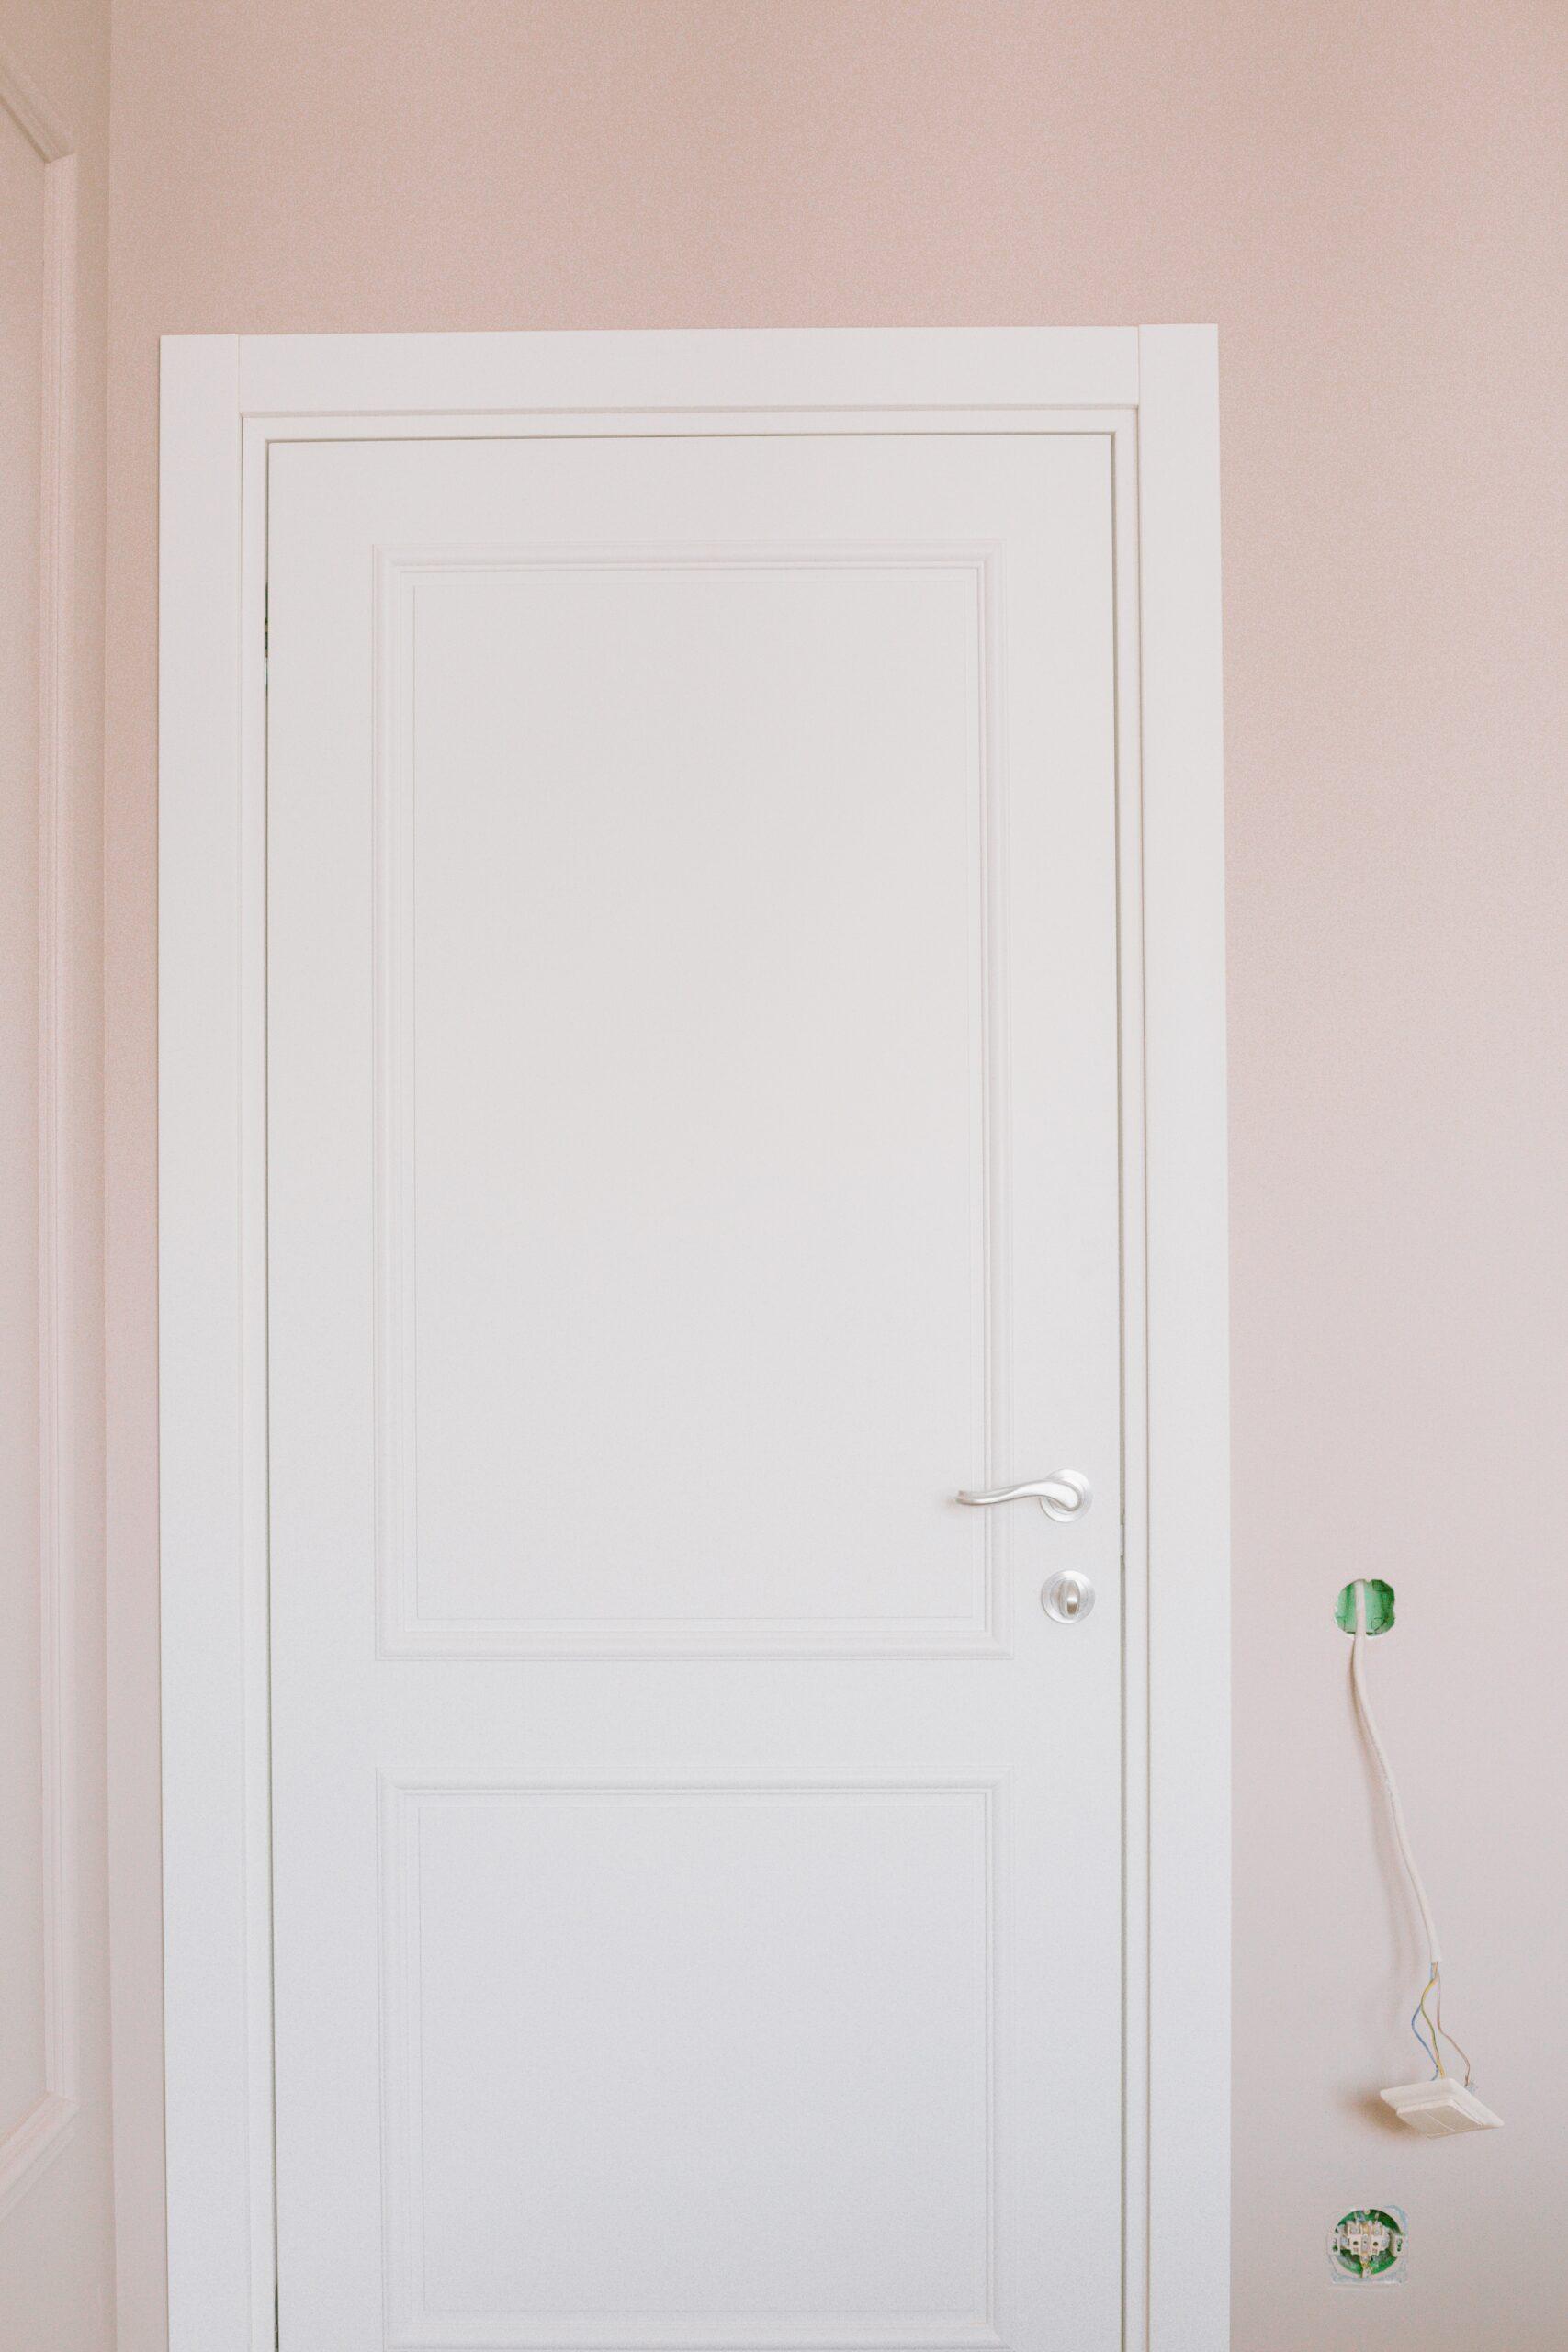 Hitta den perfekta dörren